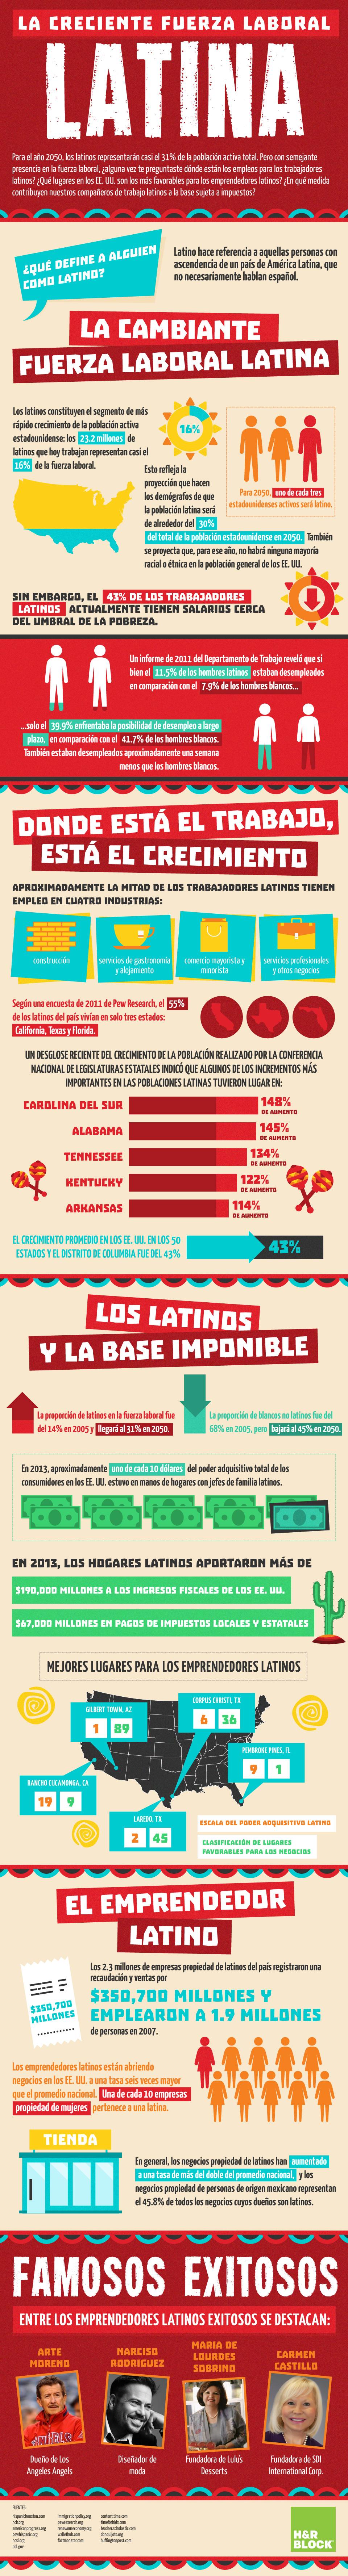 Dale un vistazo a esta #Infografia que nos habla de la fuerza laboral latina en la economía EE.UU., así como sobre el creciente número de latinos (especialmente ¡latinas!) empresarios. #Hispanos #Latinos #Emprendedores #LatinosEmpresarios